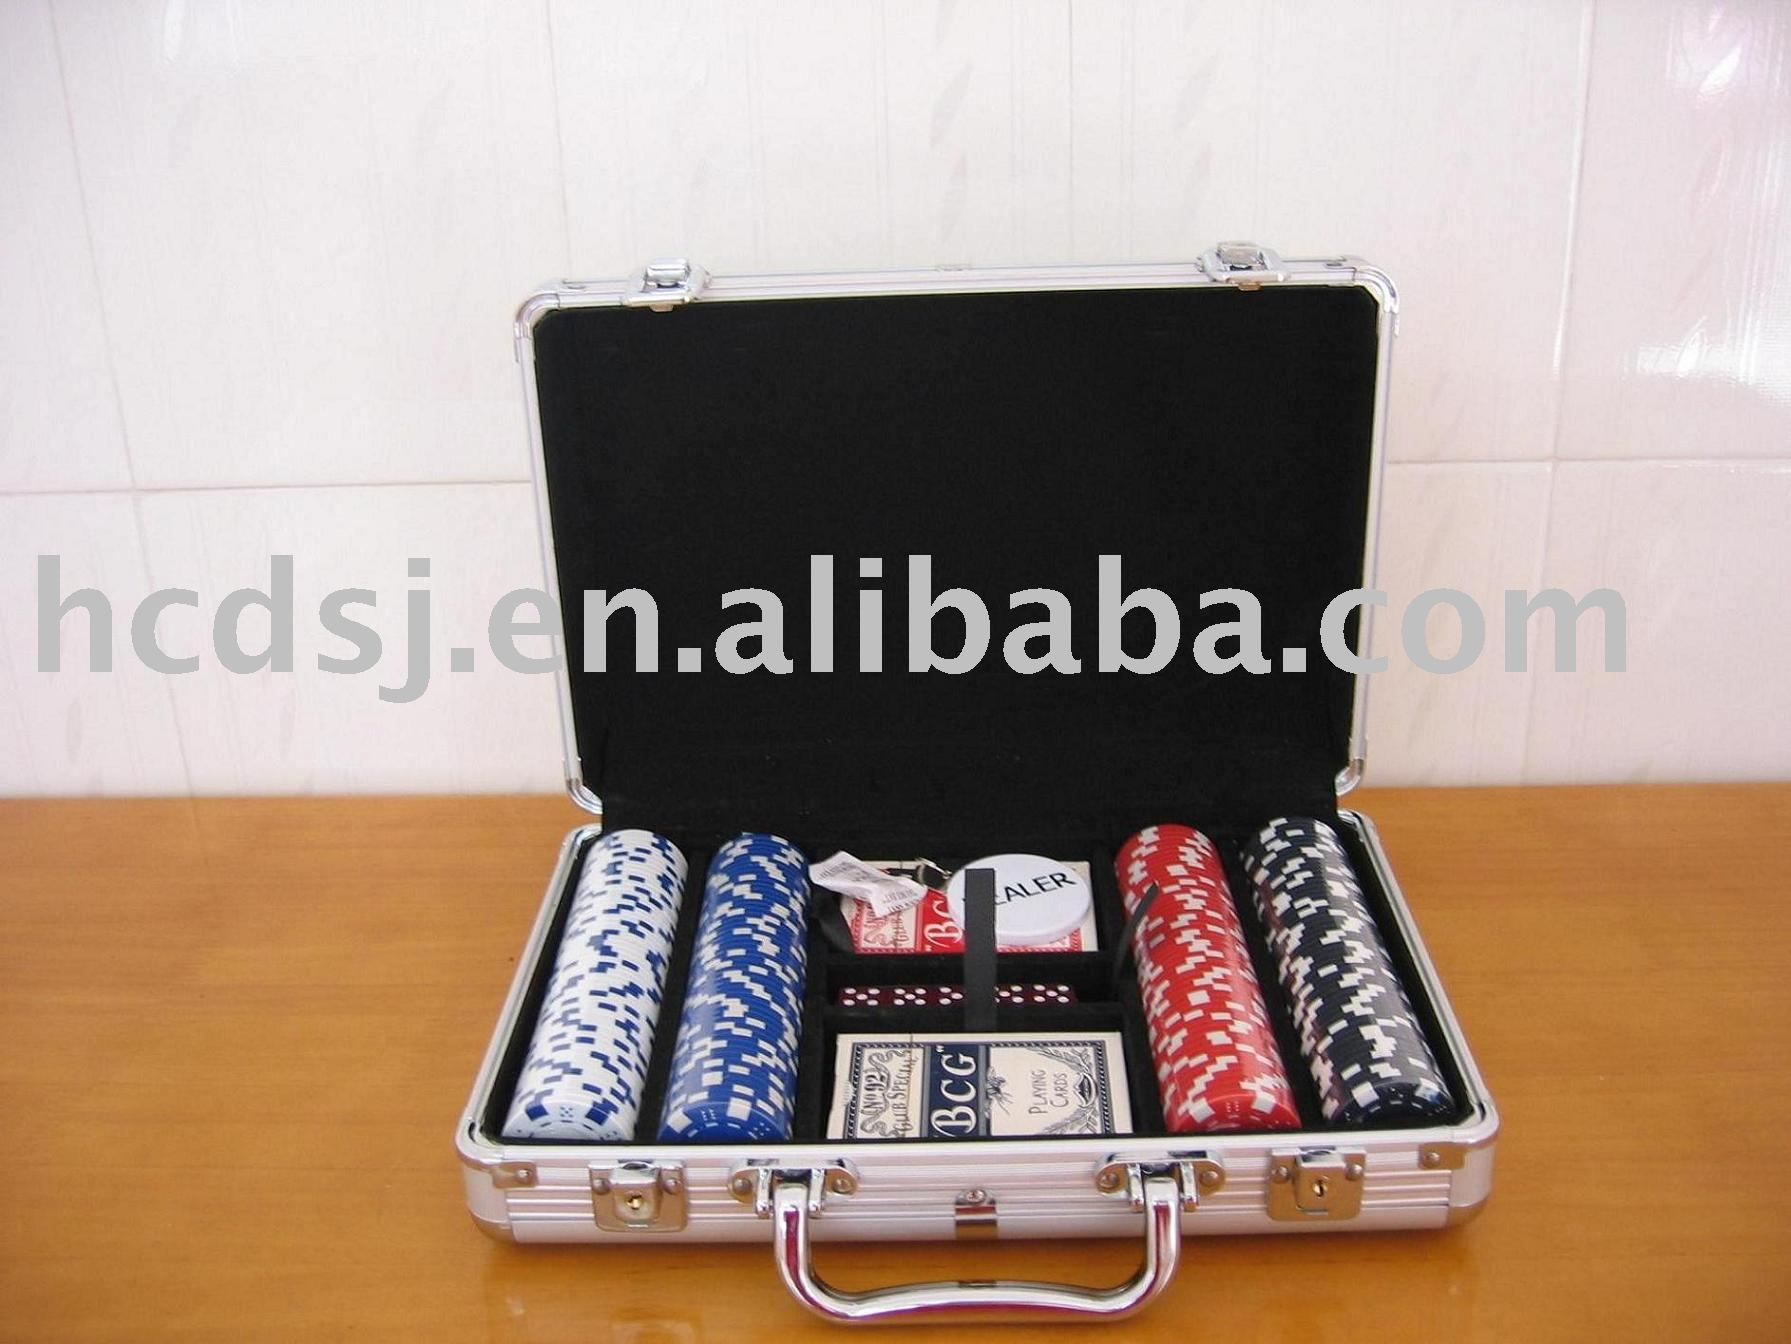 poker set poker range poker set poker range suppliers and at alibabacom - Poker Sets